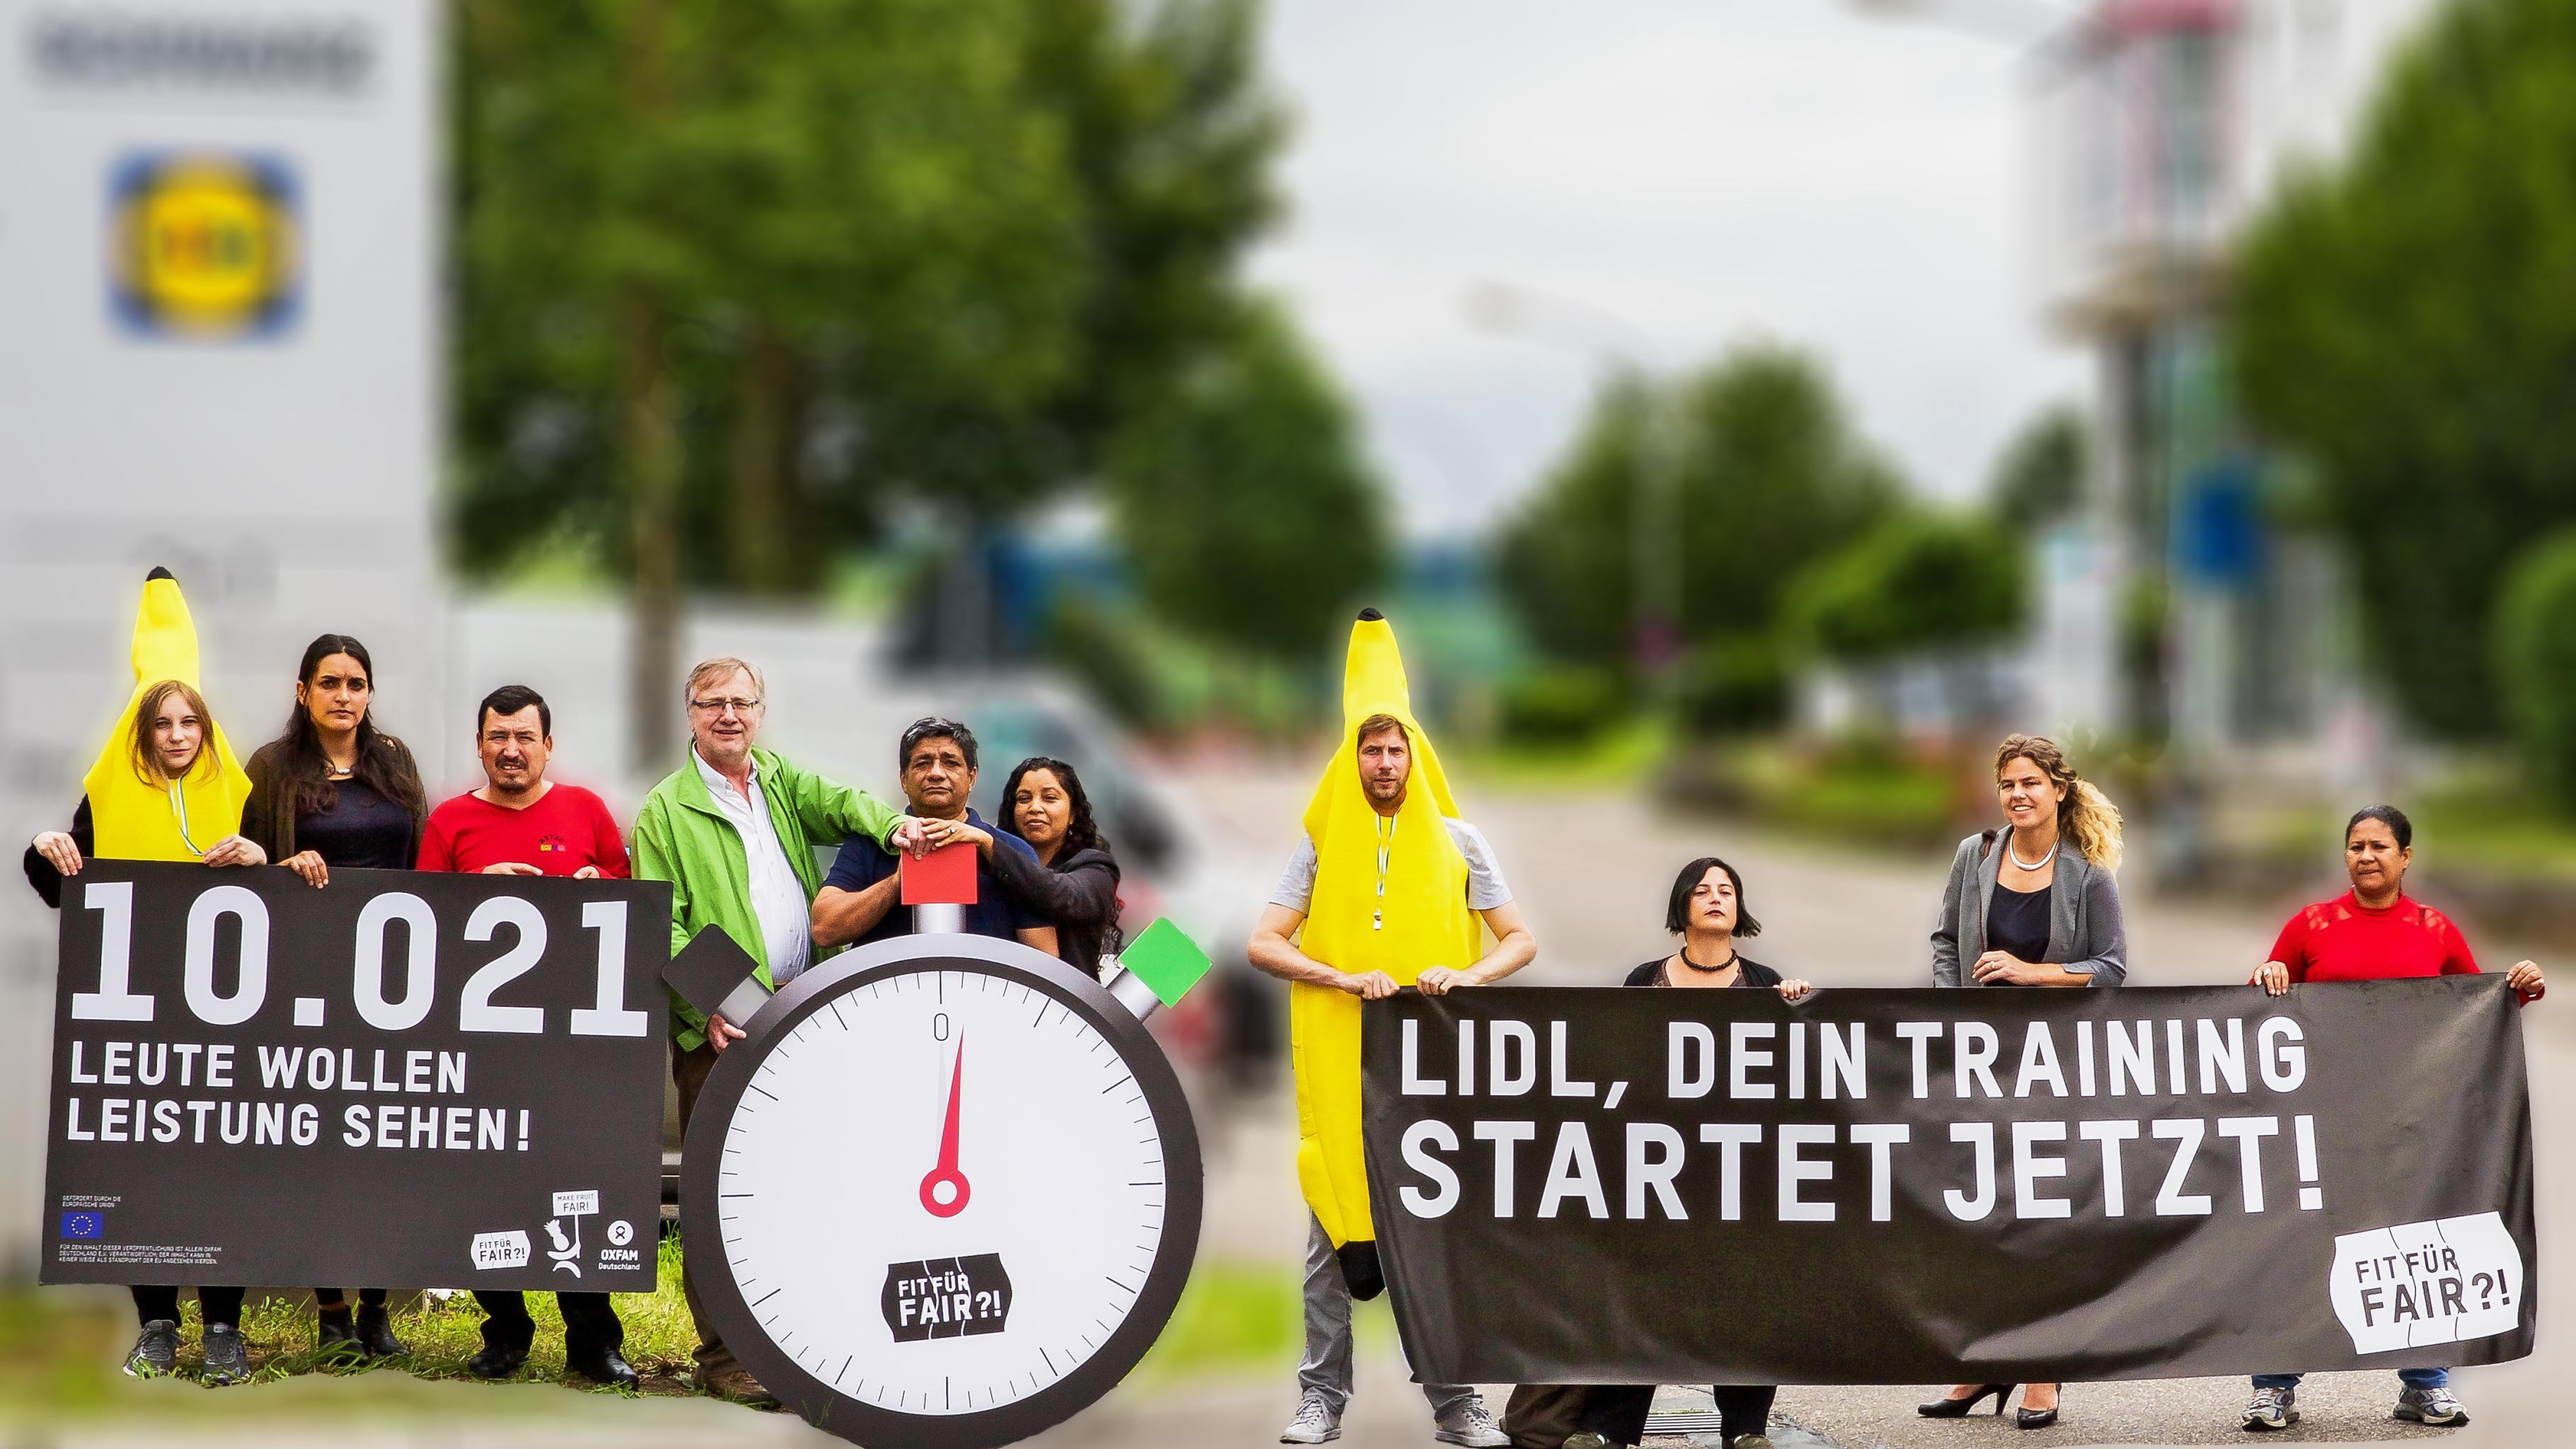 """Aktivistinnen und Aktivisten, teilweise in Bananen-Kostümen, vor der Lidl-Konzernzentrale, mit Bannern """"10021 Leute wollen Leistung sehen!"""", """"Lidl, dein Training startet jetzt!"""" und einer großen Stoppuhr mit der Aufschrift """"Fit für Fair?!""""."""